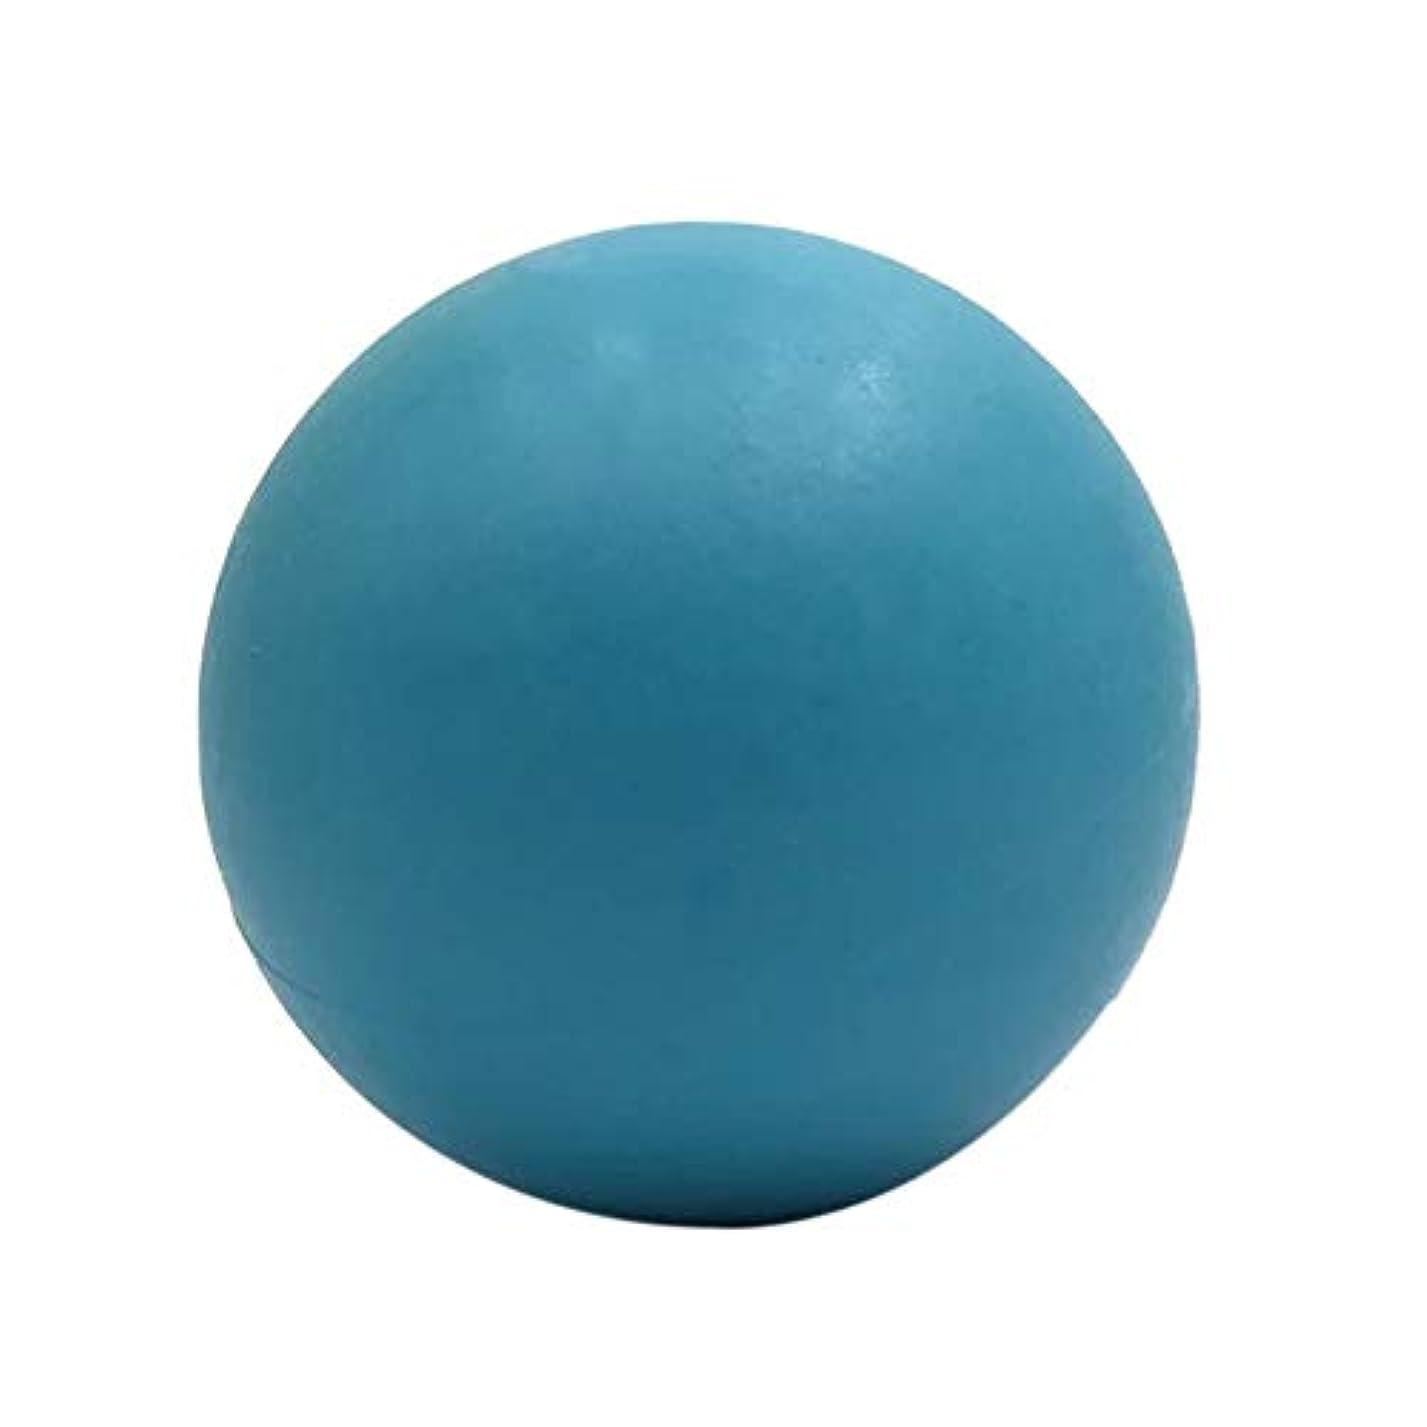 夢喉頭未接続マッサージボール ストレッチボール疲れ解消ボール〕 トリガーポイント 筋膜リリース 「 肩/背中/腰/ふくらはぎ/足裏 」 ツボ押しグッズ(ブルー)